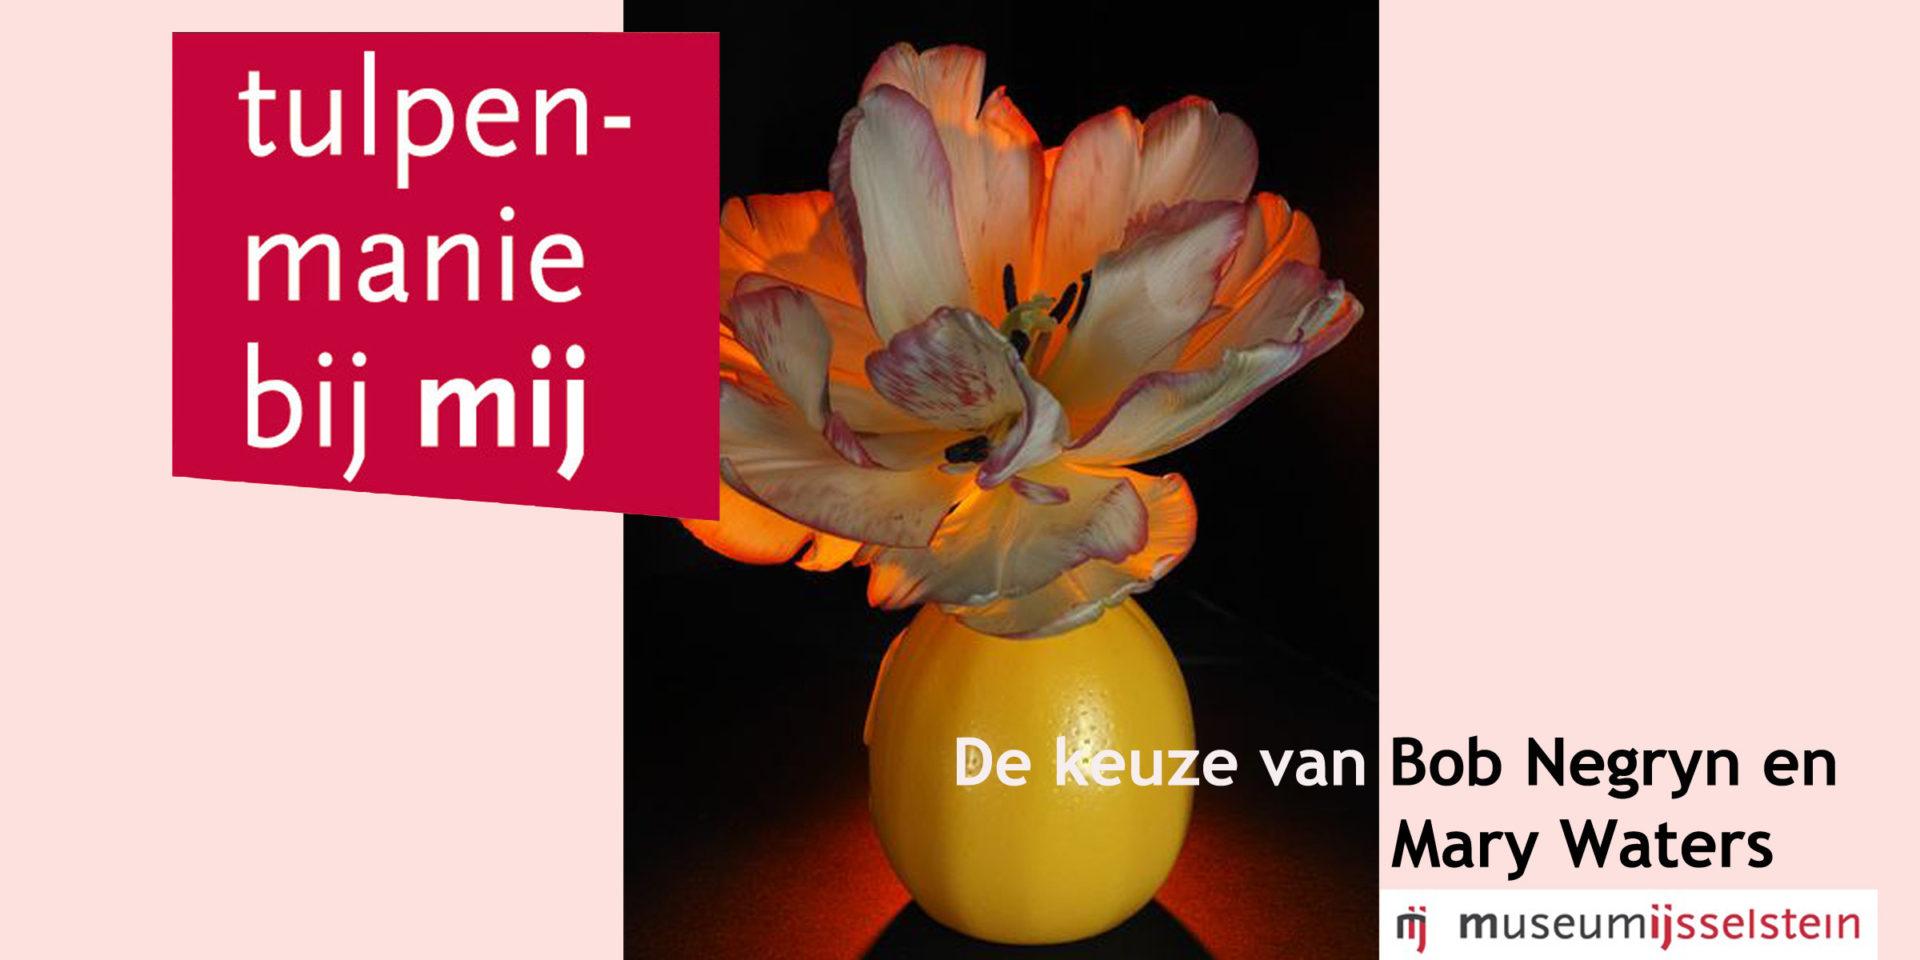 2-tulpenmania-nieuws-binnen